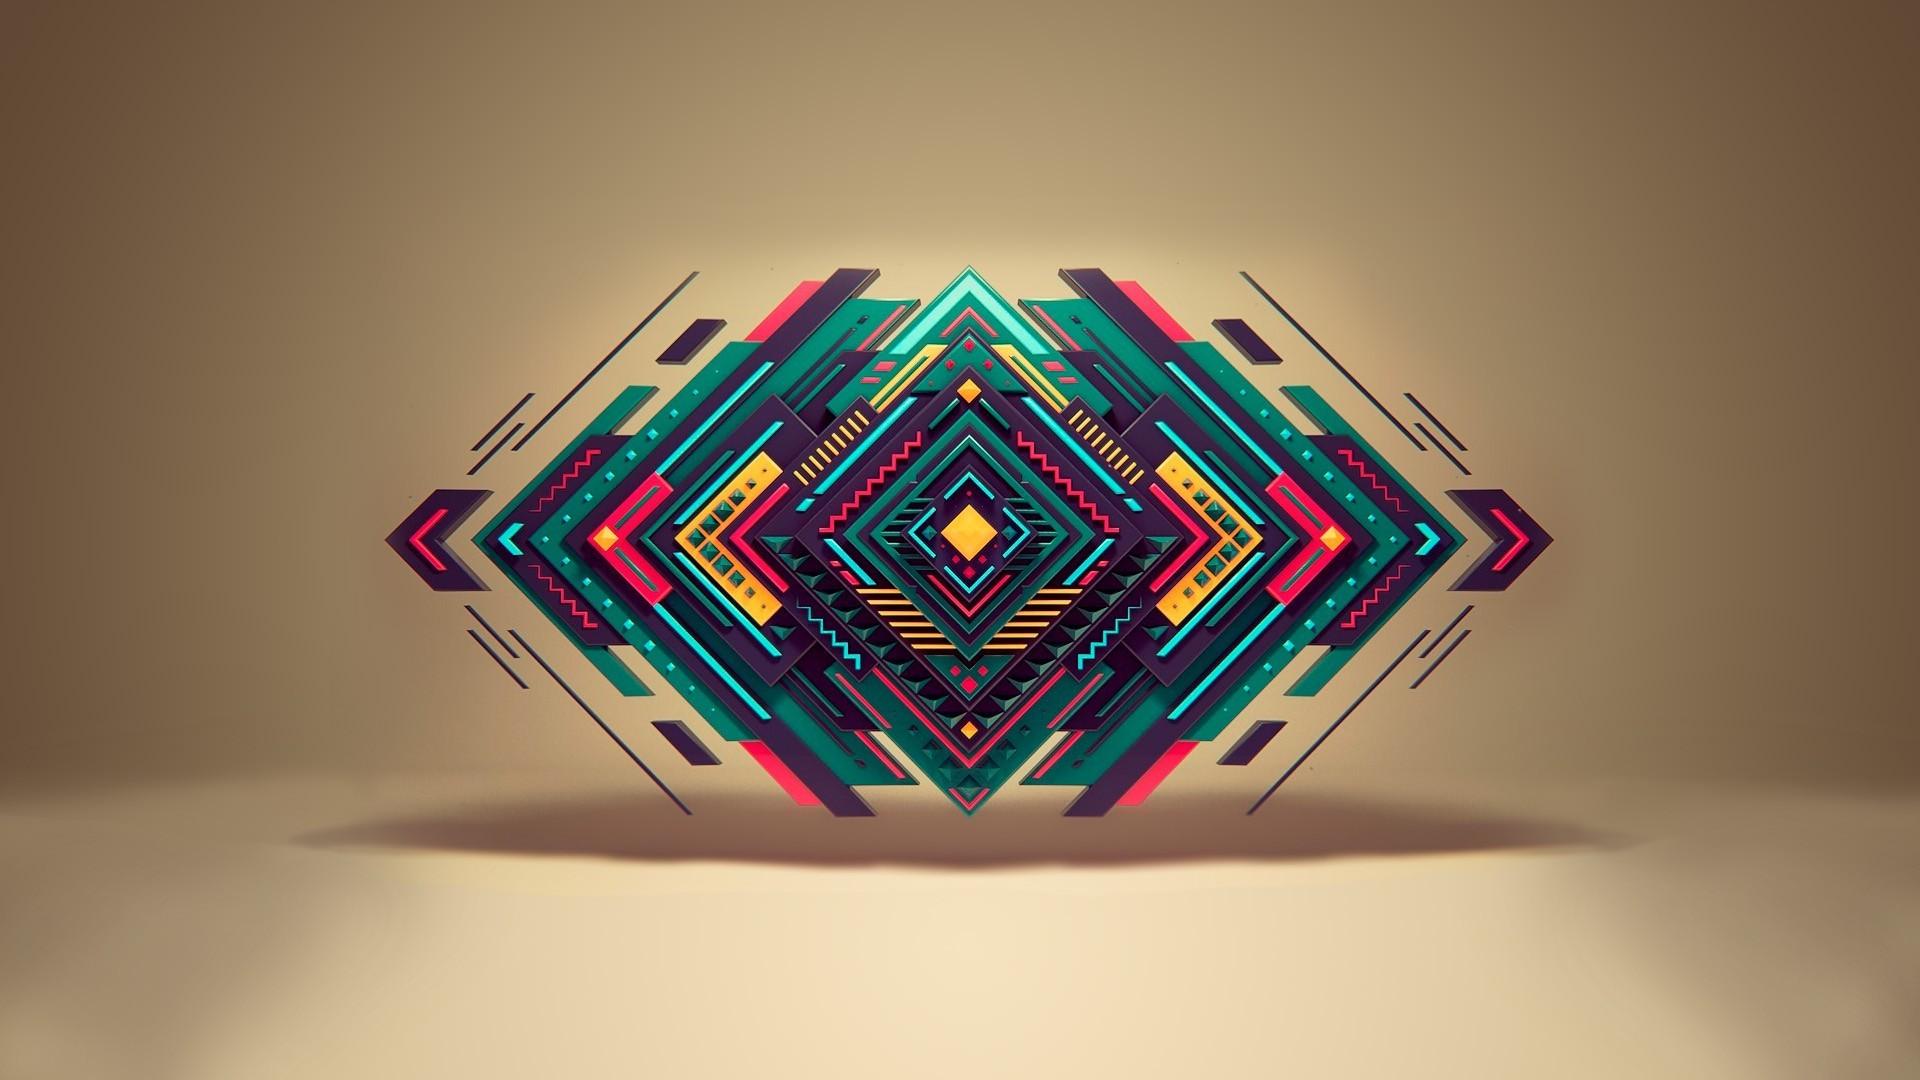 текстура графика абстракция цвета треугольники без смс